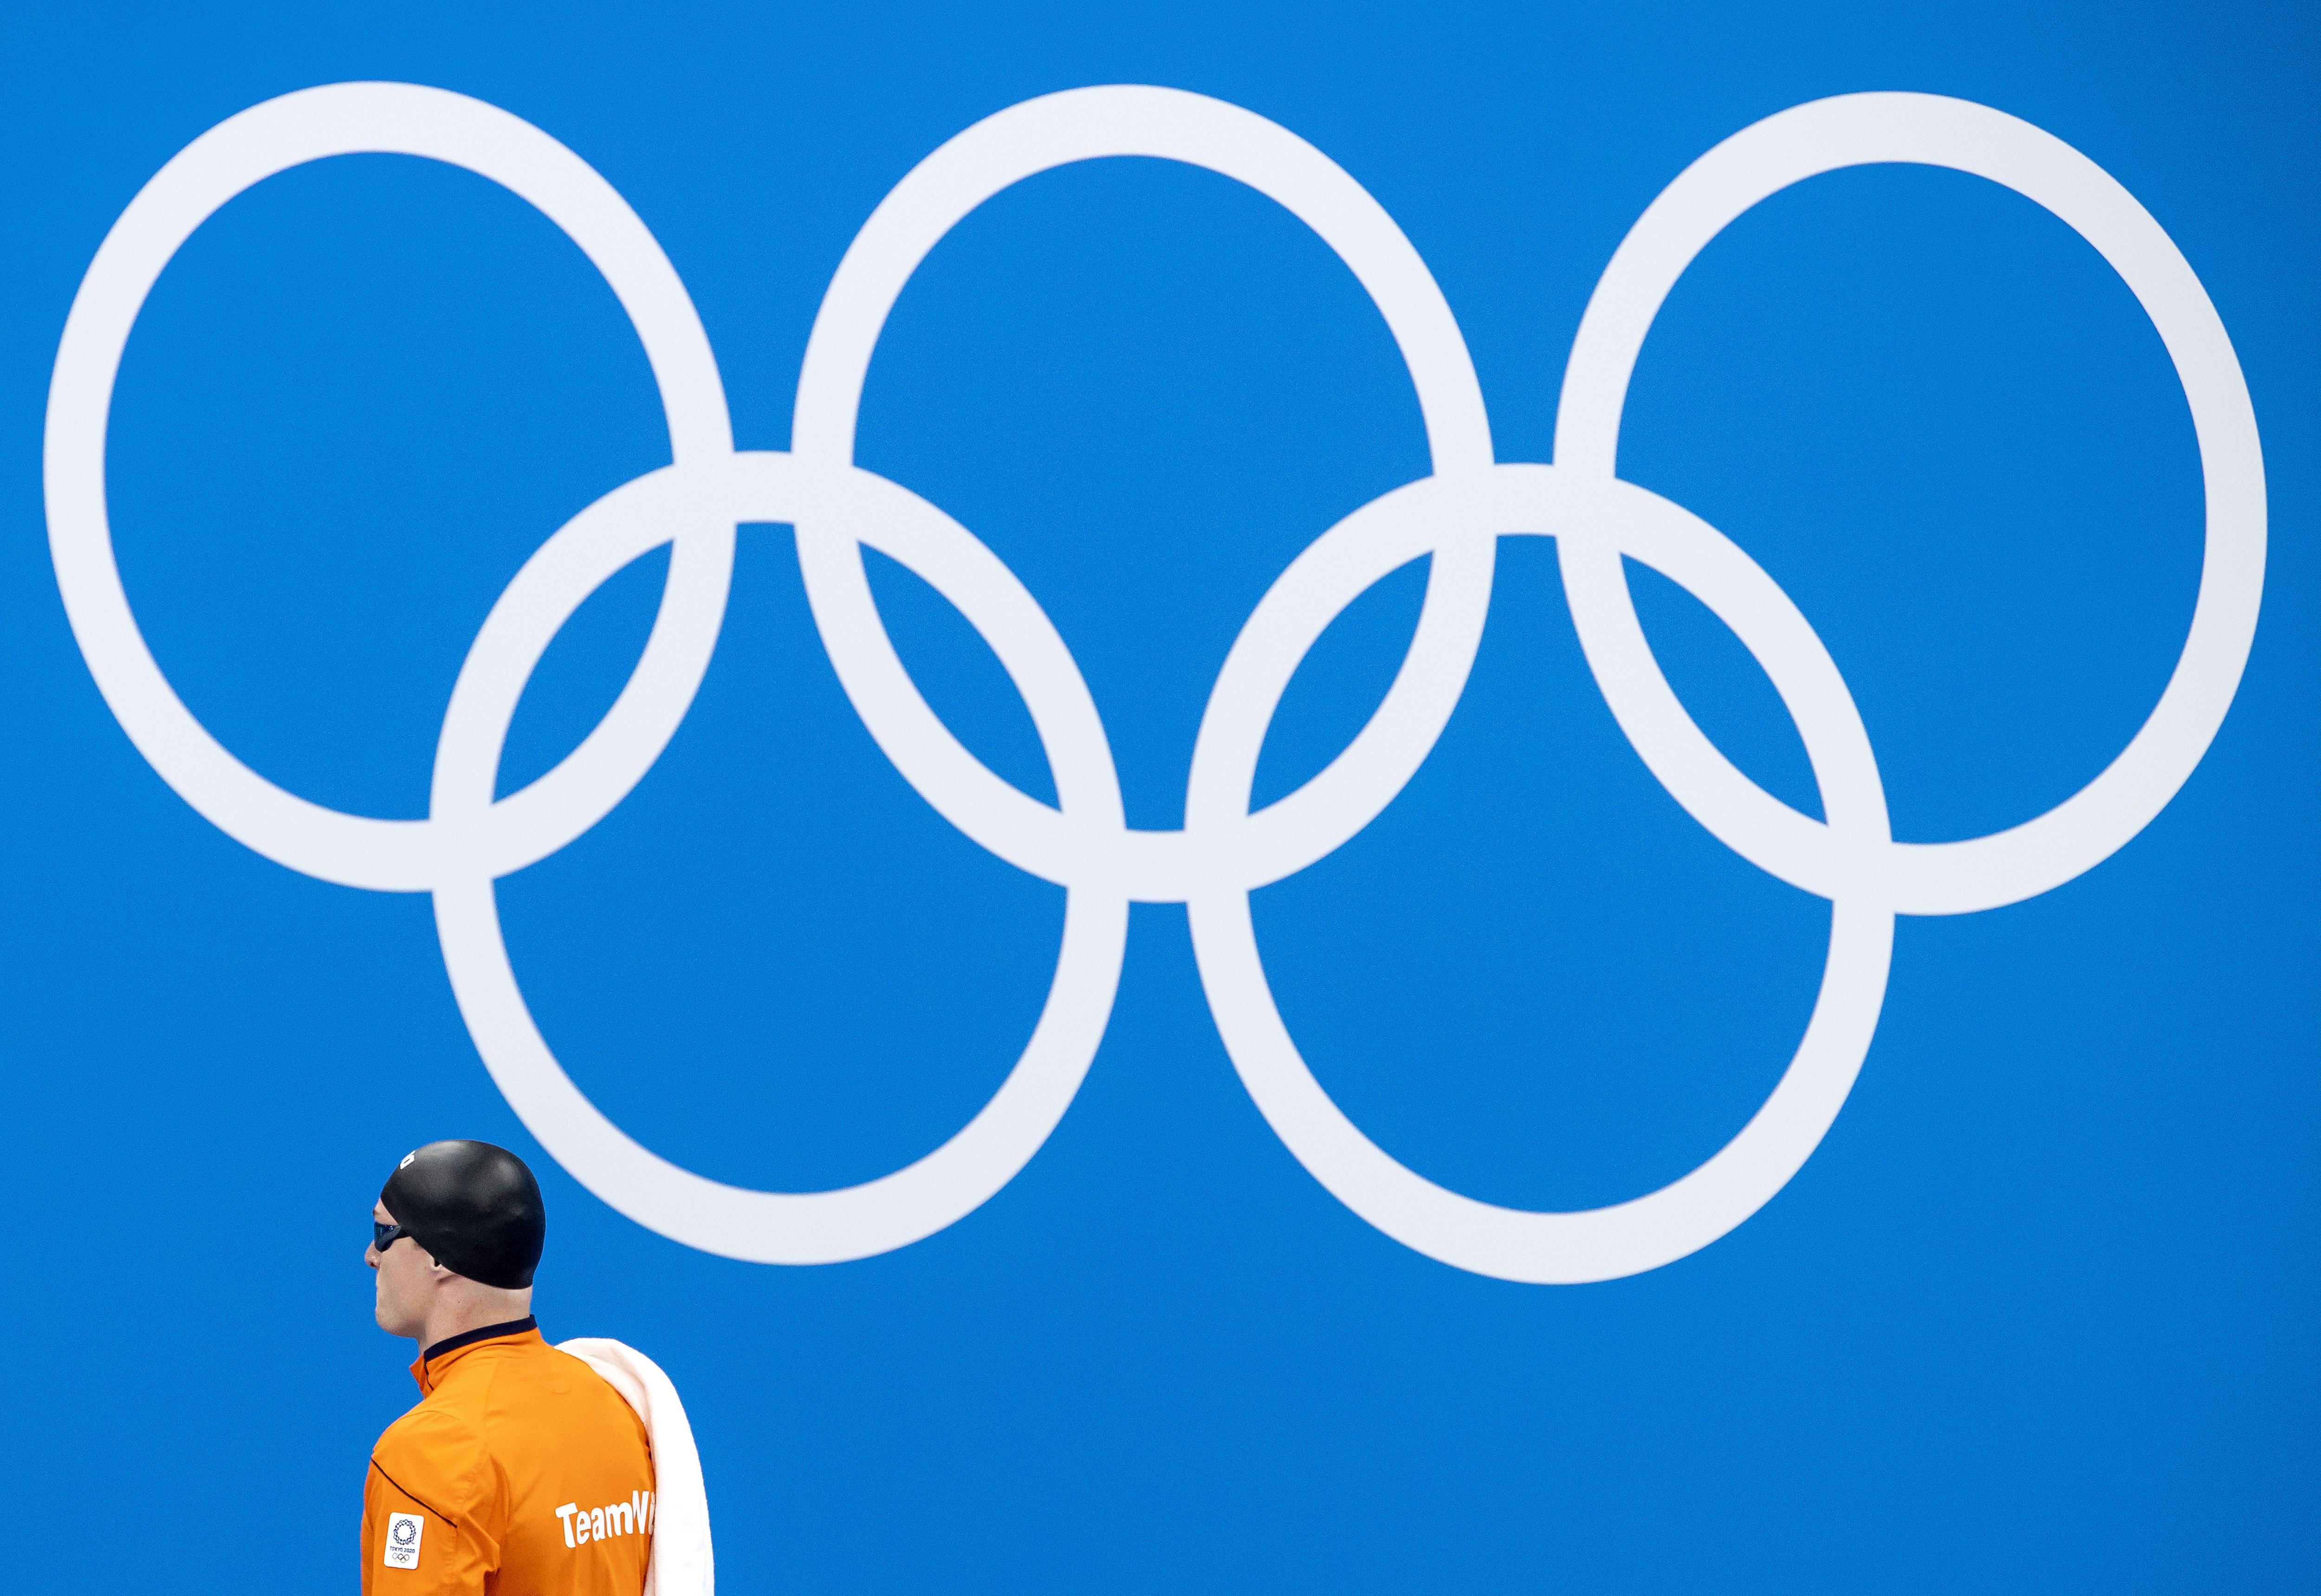 Olympisch finalist De Boer gaat door als parttime-zwemmer. 'Waarom zou ik iets wat supergoed gaat anders gaan doen?'